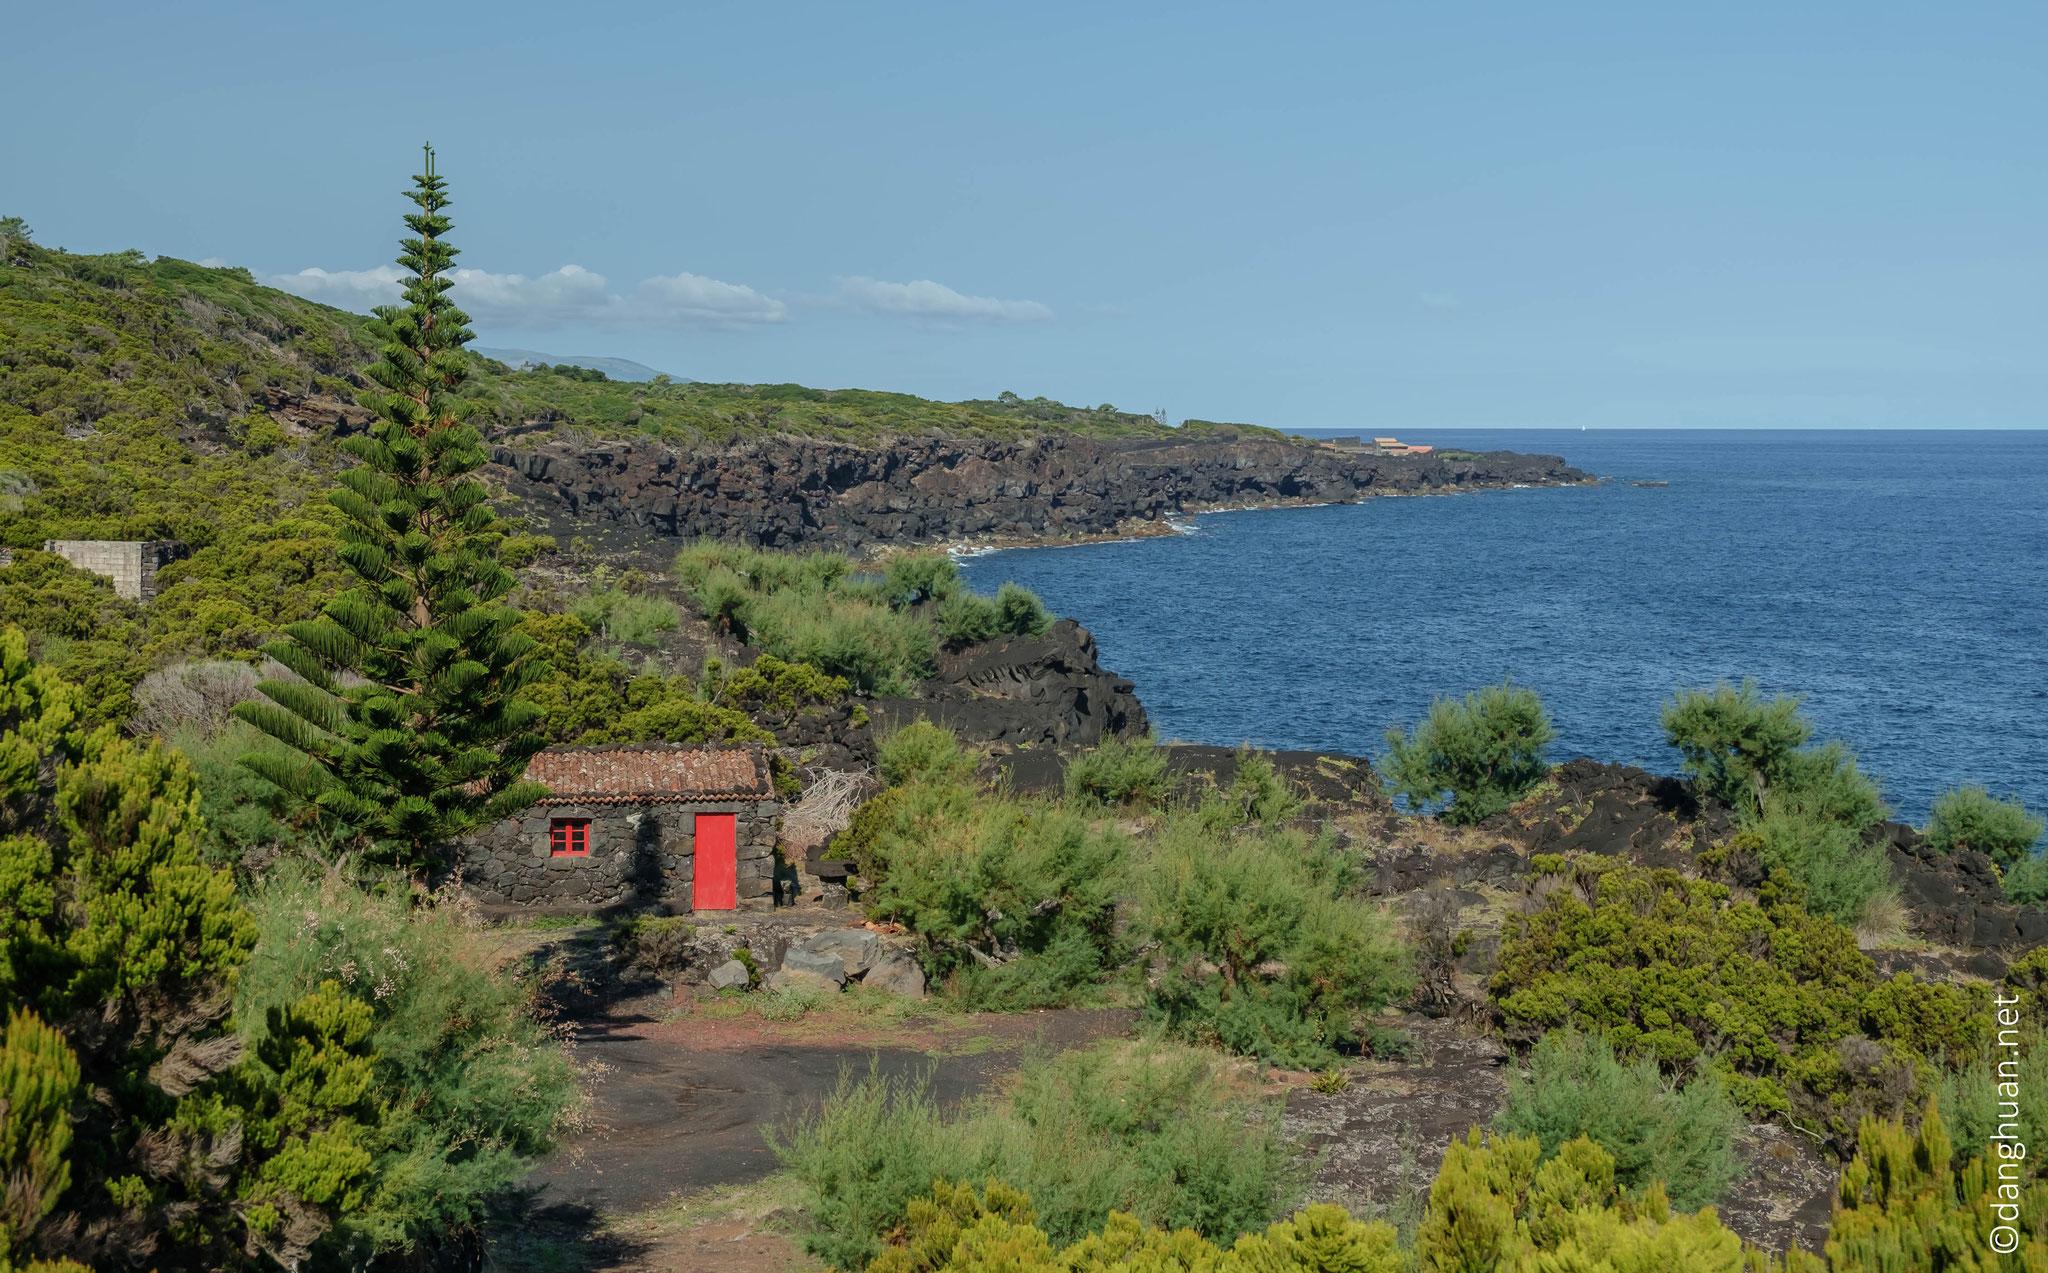 Pico - Randonnée côtière entre les hameaux, les vignes et les laves pétrifiées jusqu'à Santana